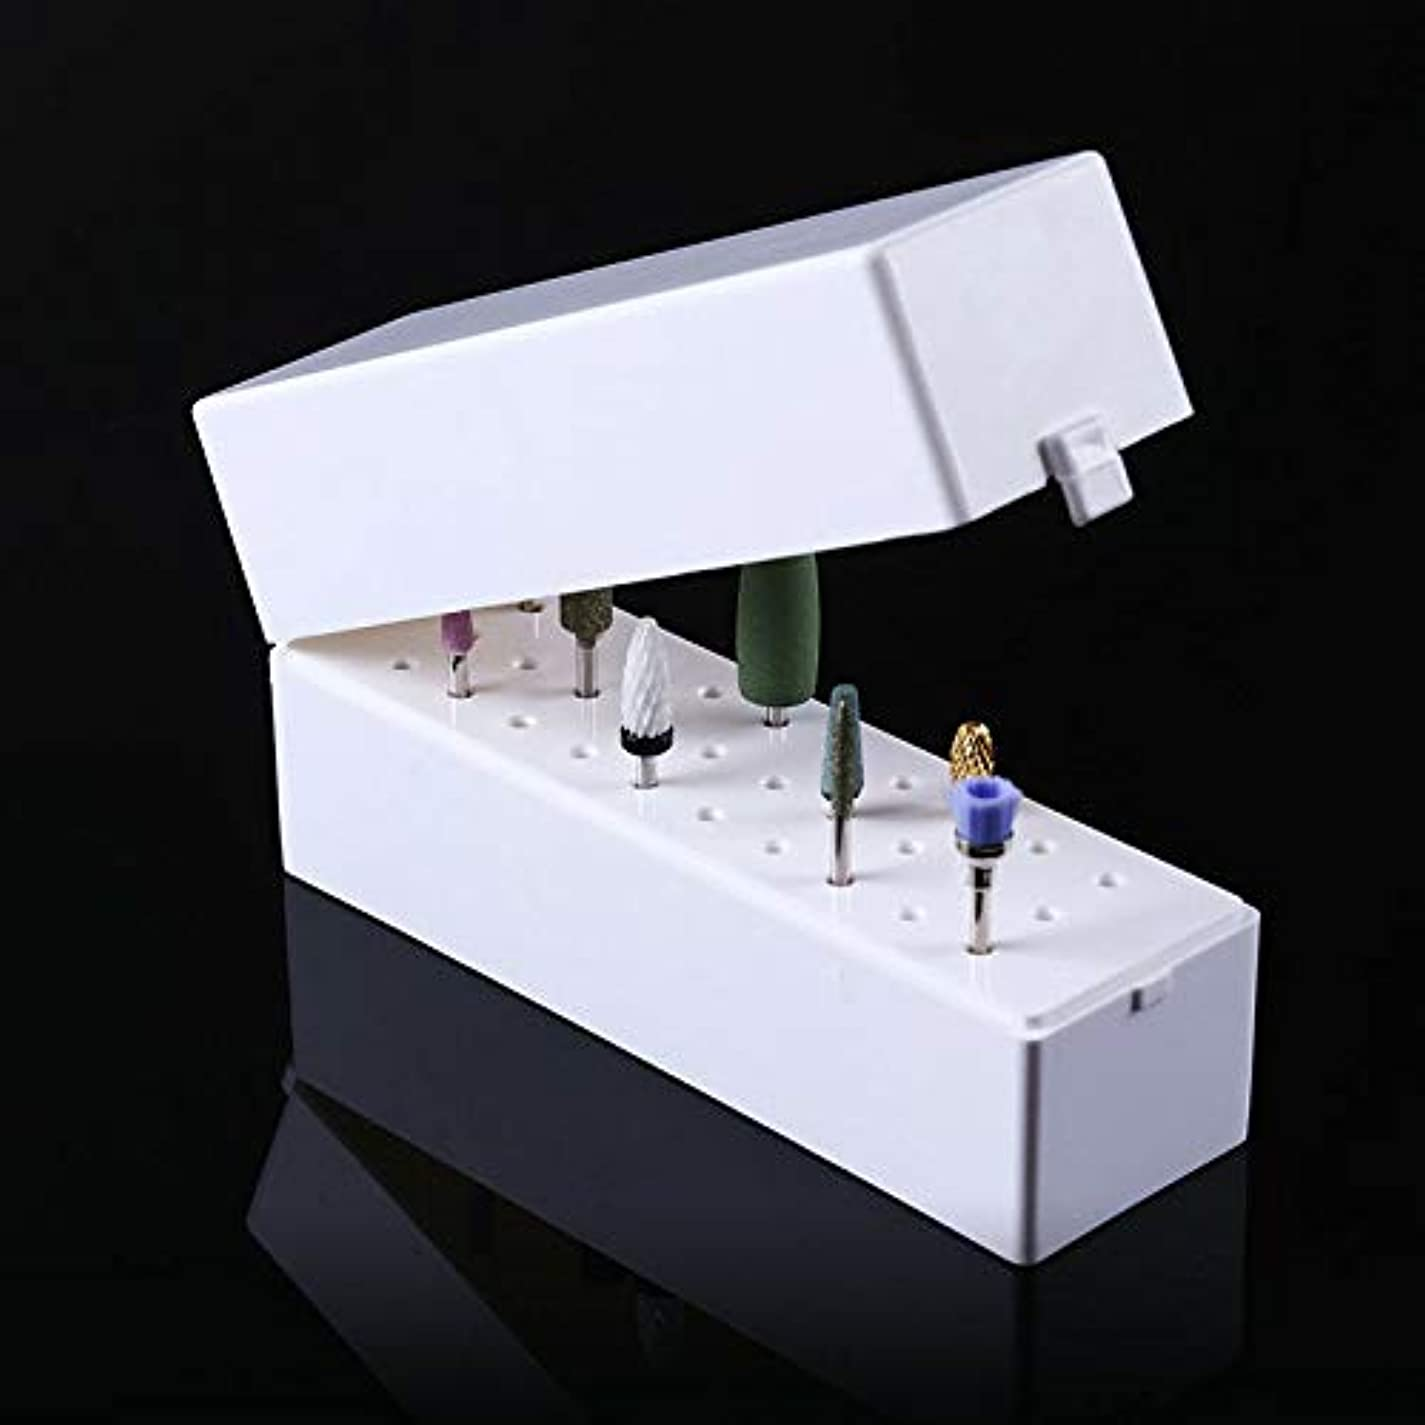 チャーミング成分考古学的なFidgetGear 30穴ネイルドリルビットホルダーボックスディスプレイ収納容器スタンドマニキュアツール